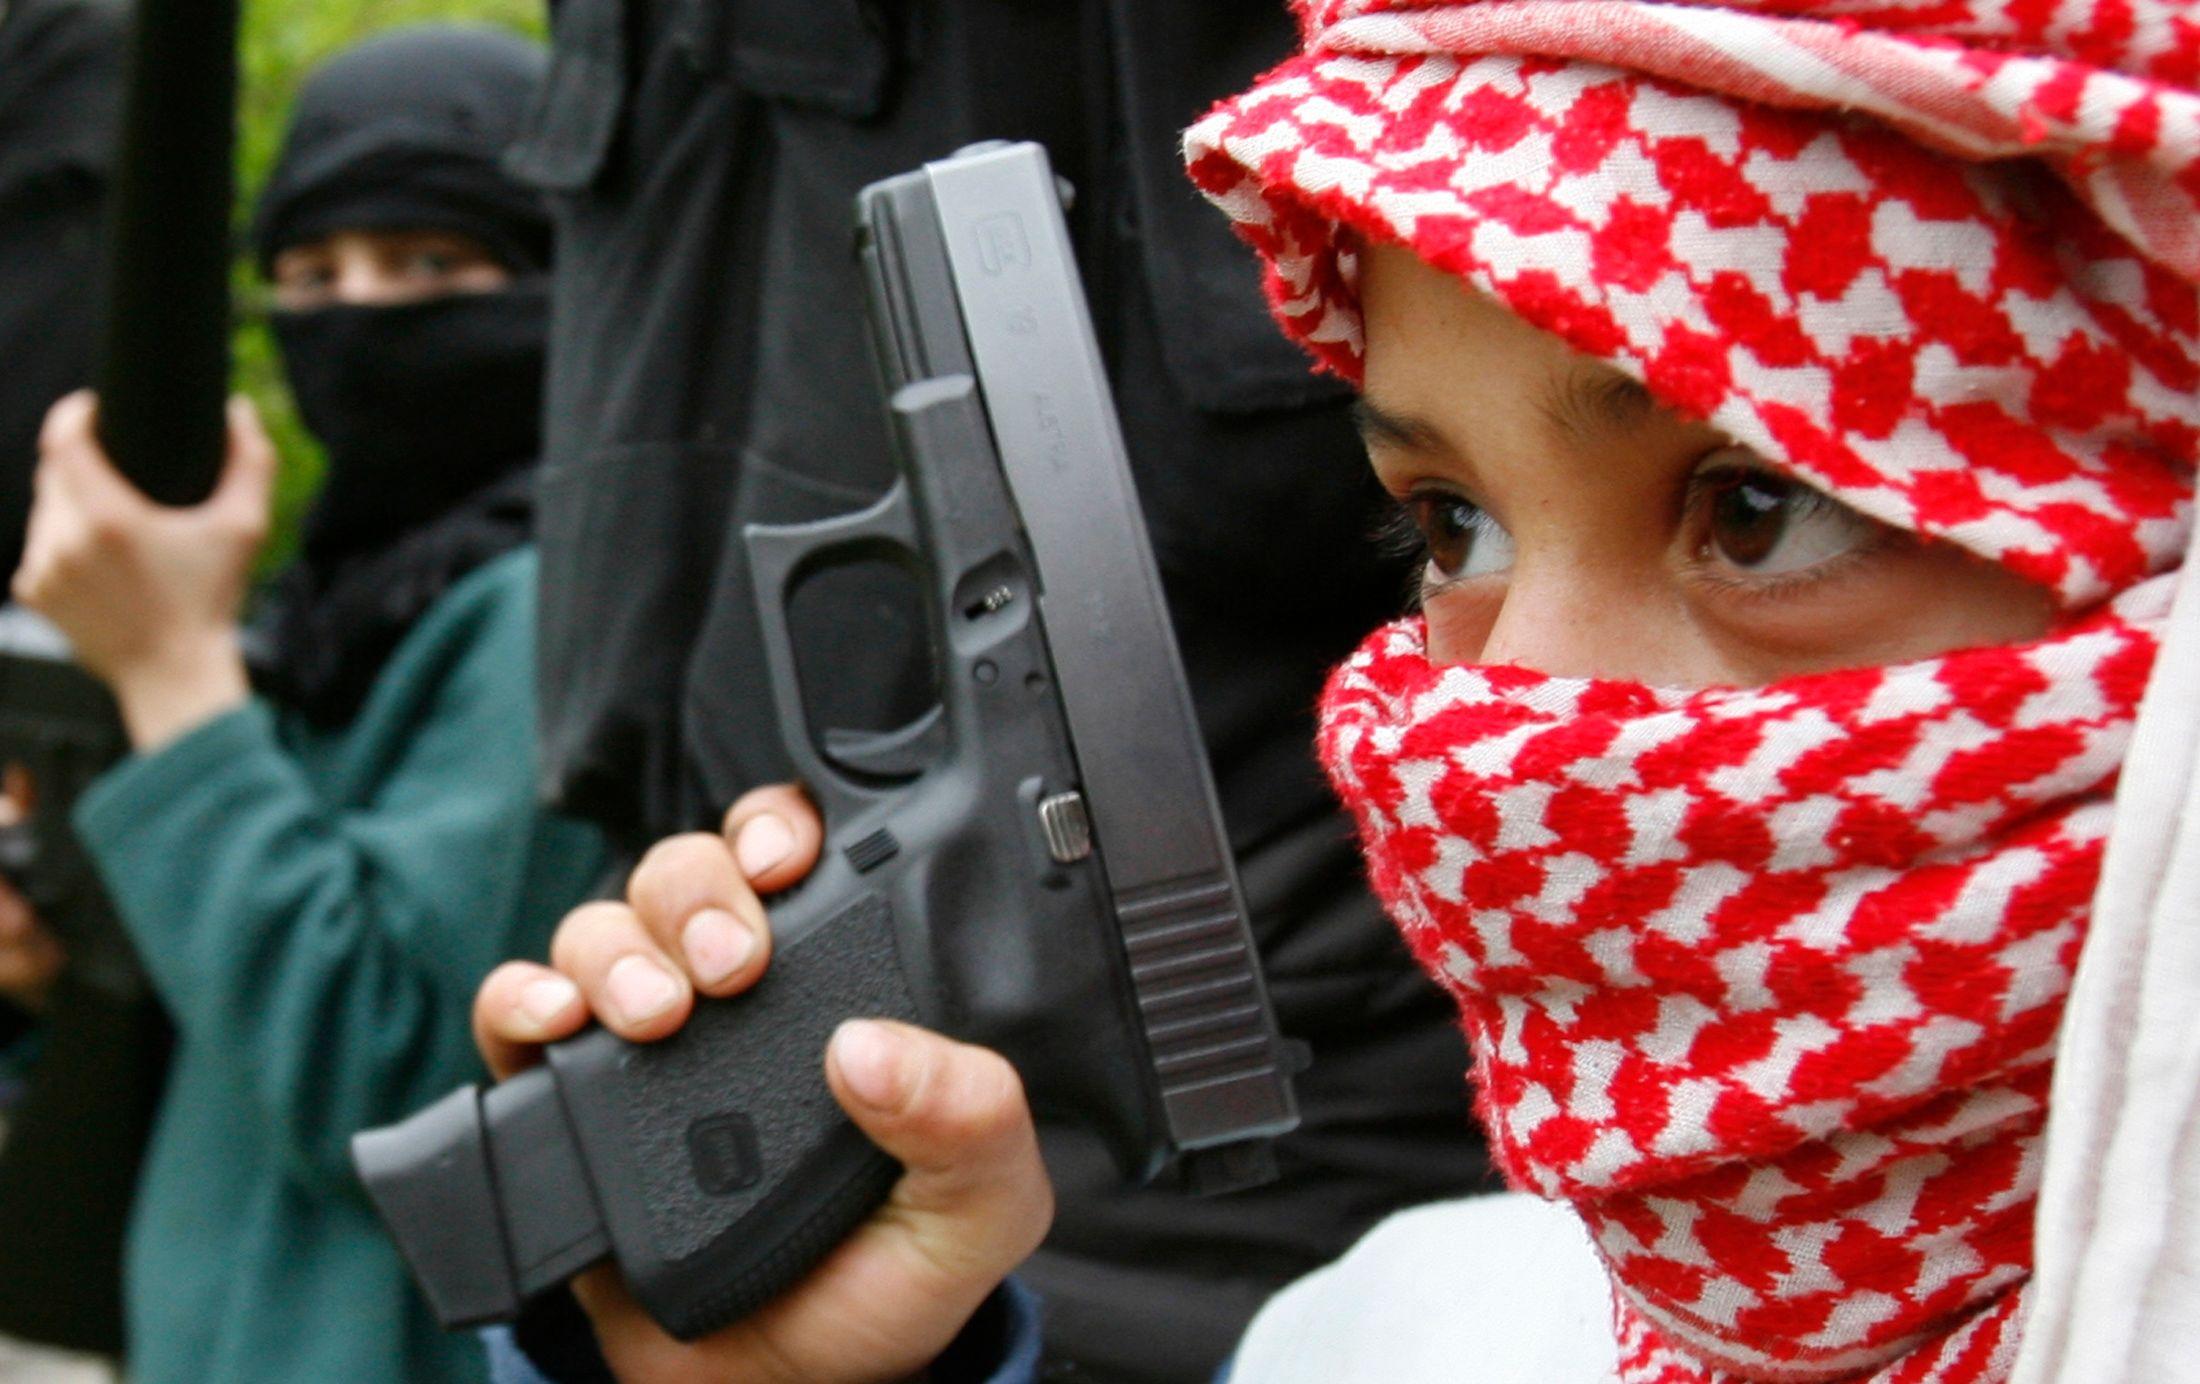 Quand le frère de Mohamed Merah invite les familles d'origine arabo-musulmane à regarder en face leurs responsabilités dans les dérives terroristes de certains de leurs enfants